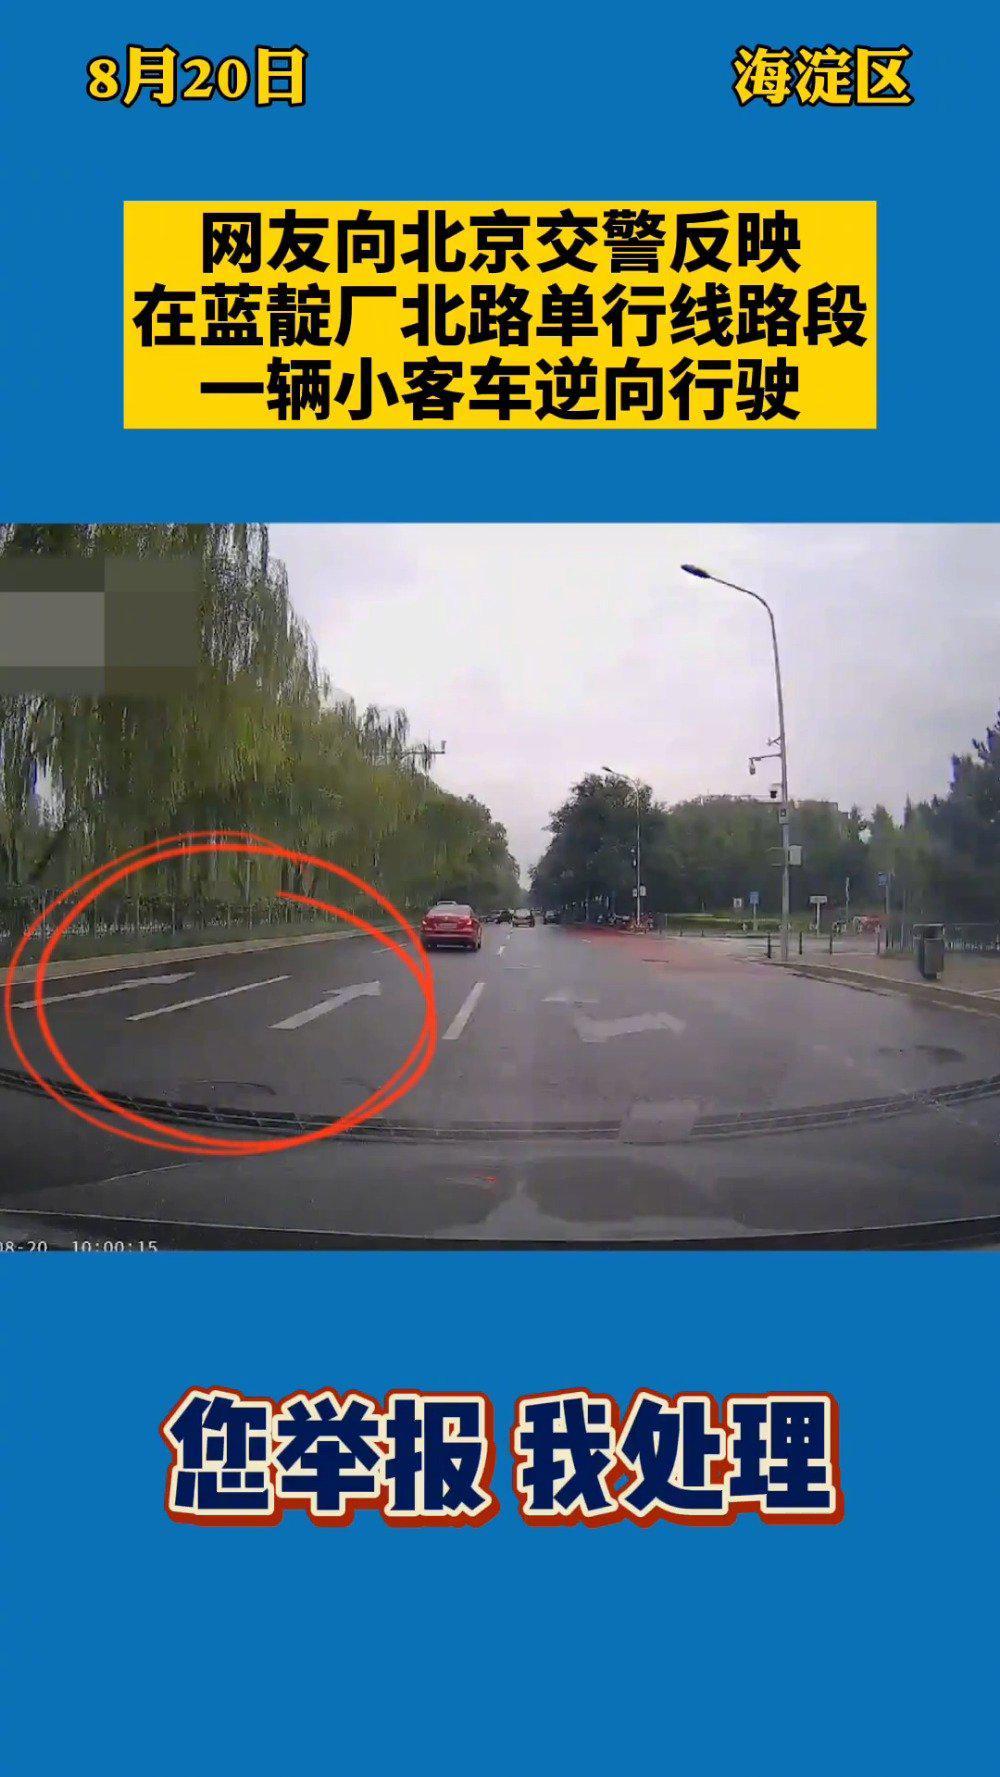 8月20日,有网友反映在蓝靛厂北路,一车辆逆行